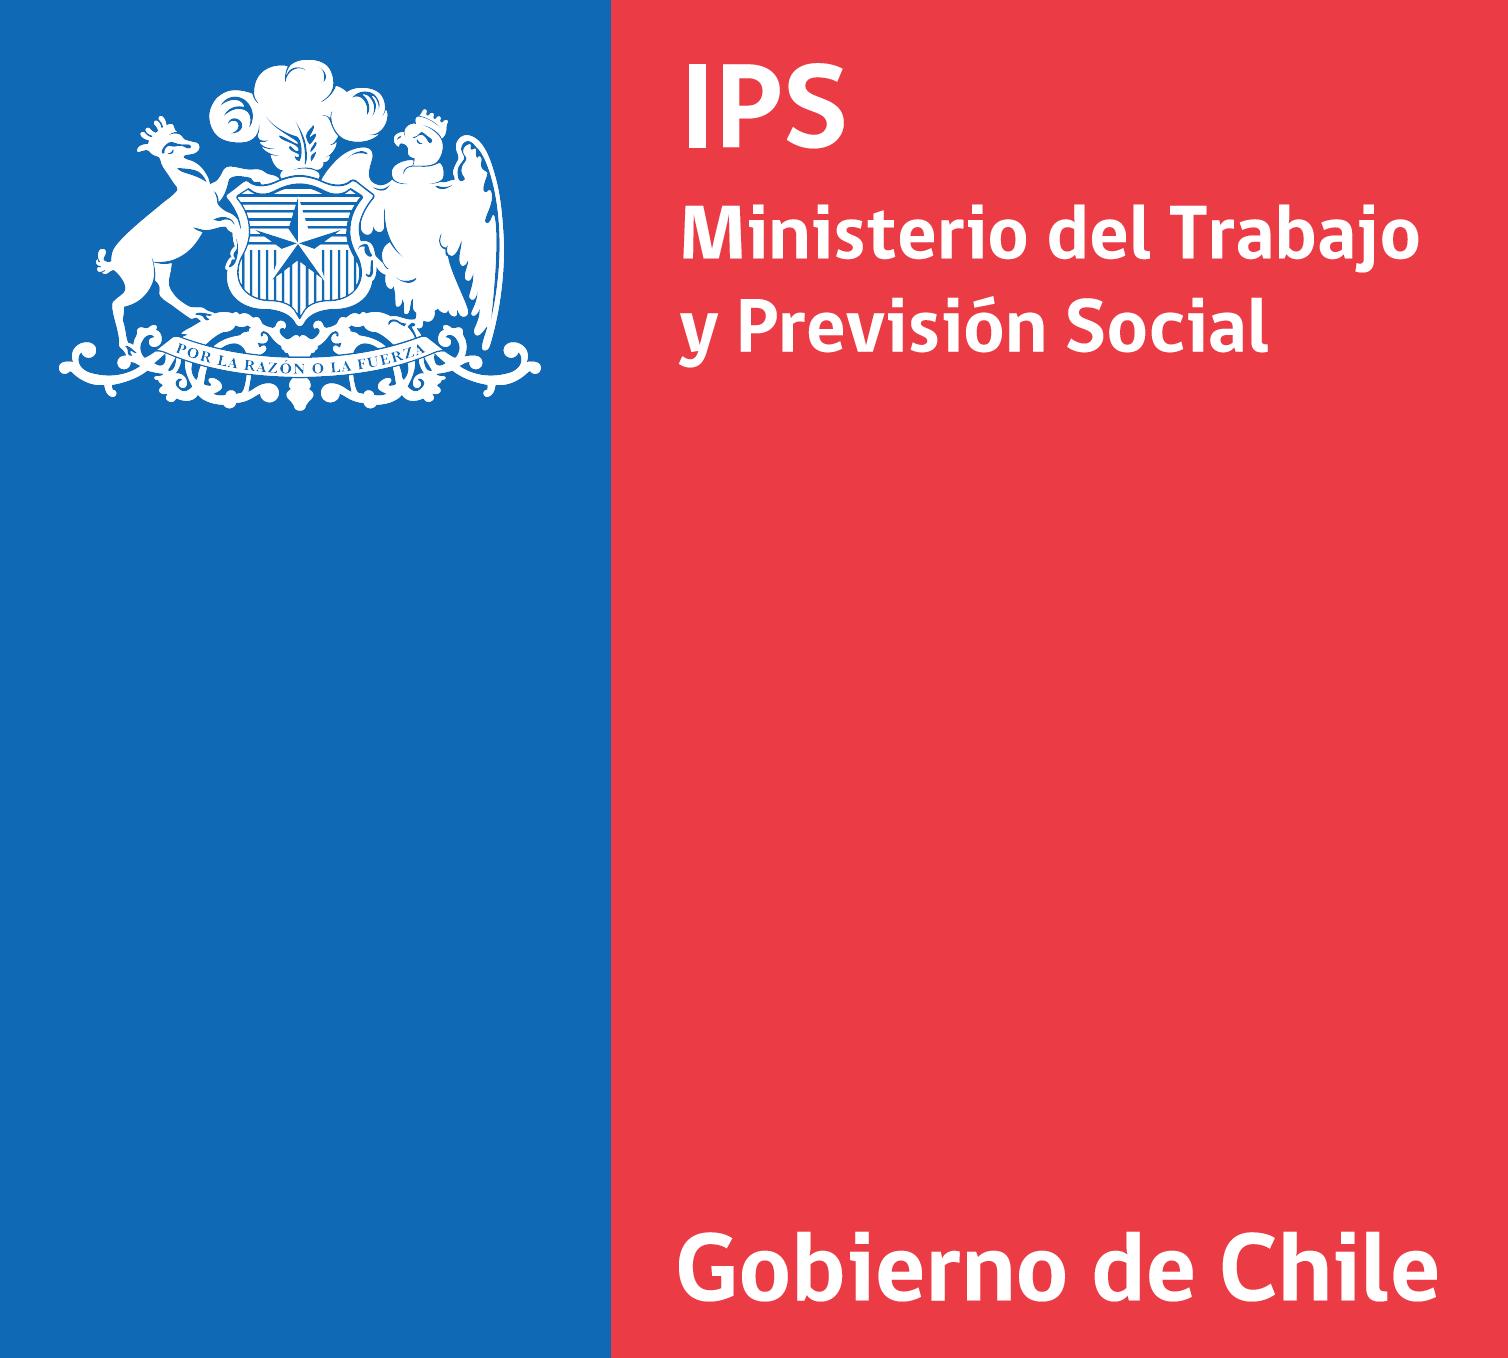 IPS Ministerio del Trabajo y Prevención Social